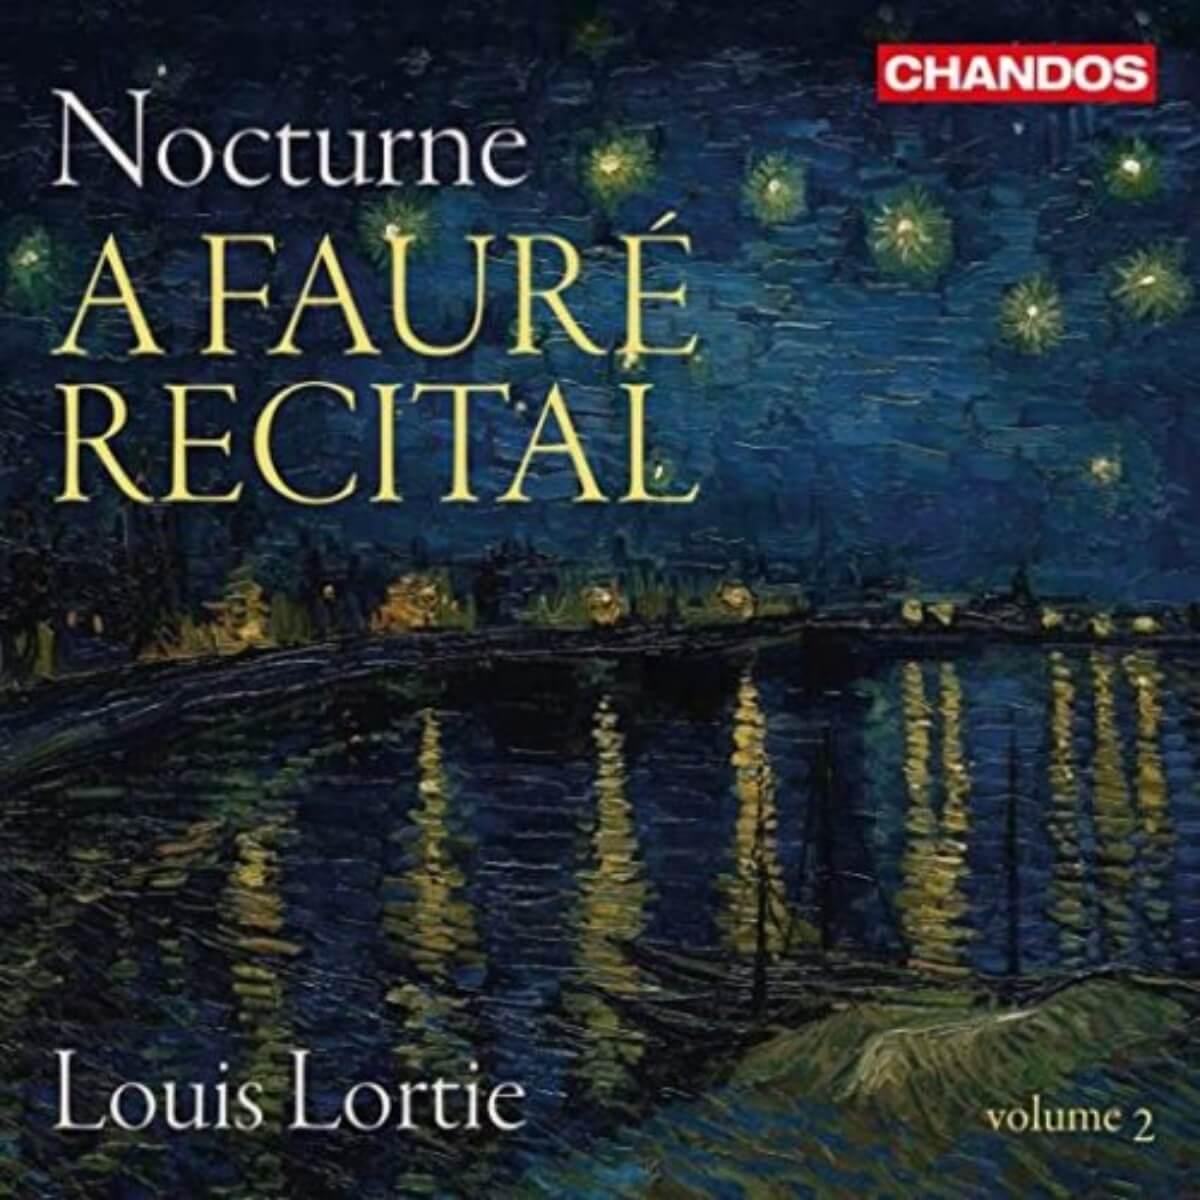 couverture de l'album Nocture A Fauré Recital de Louis Lortie